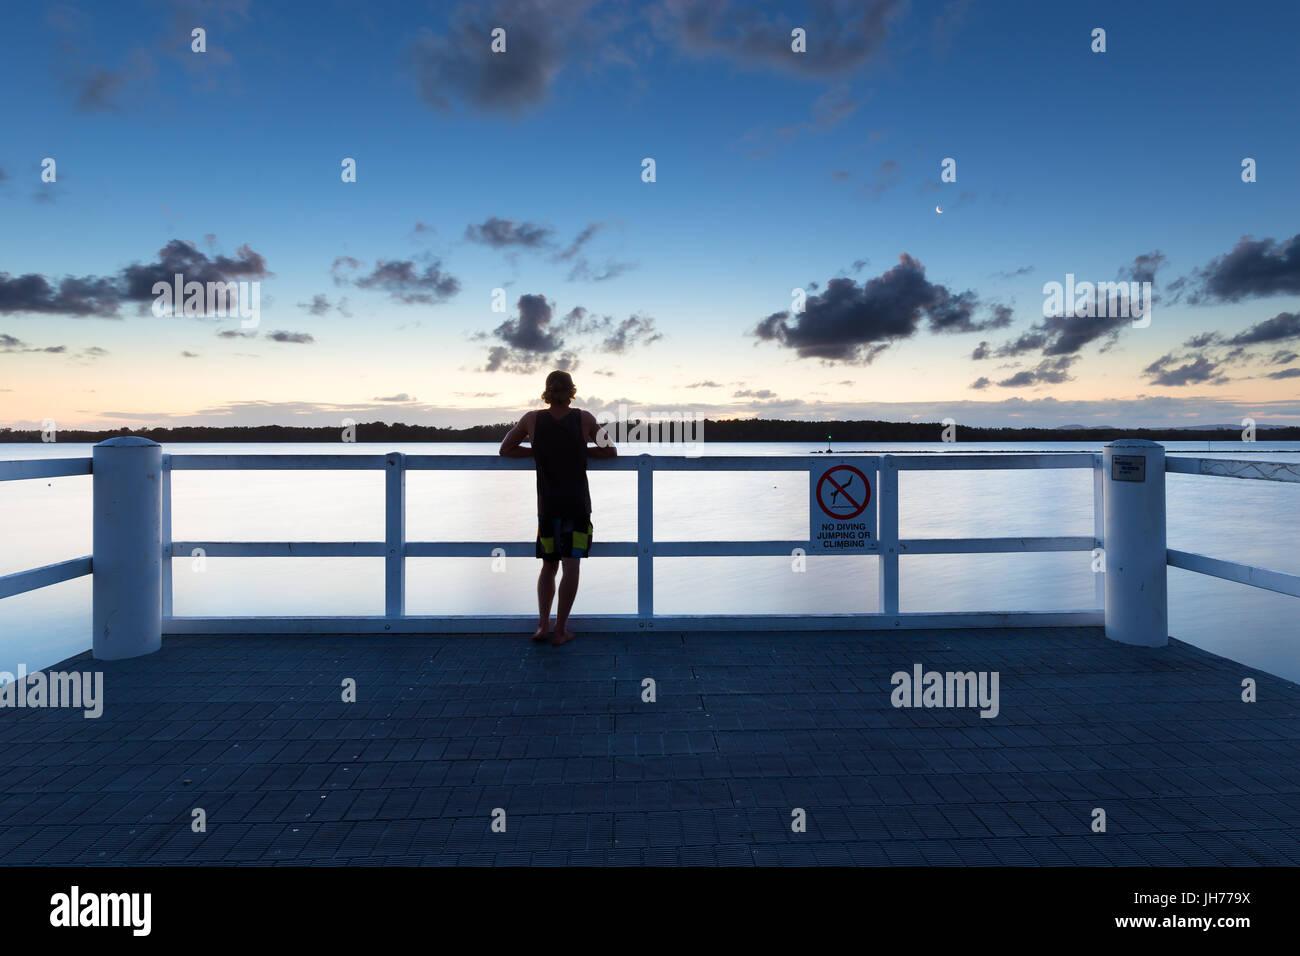 Eine Person sieht das Meer allein von einem Pier nach Einbruch der Dunkelheit in Australien. Stockfoto